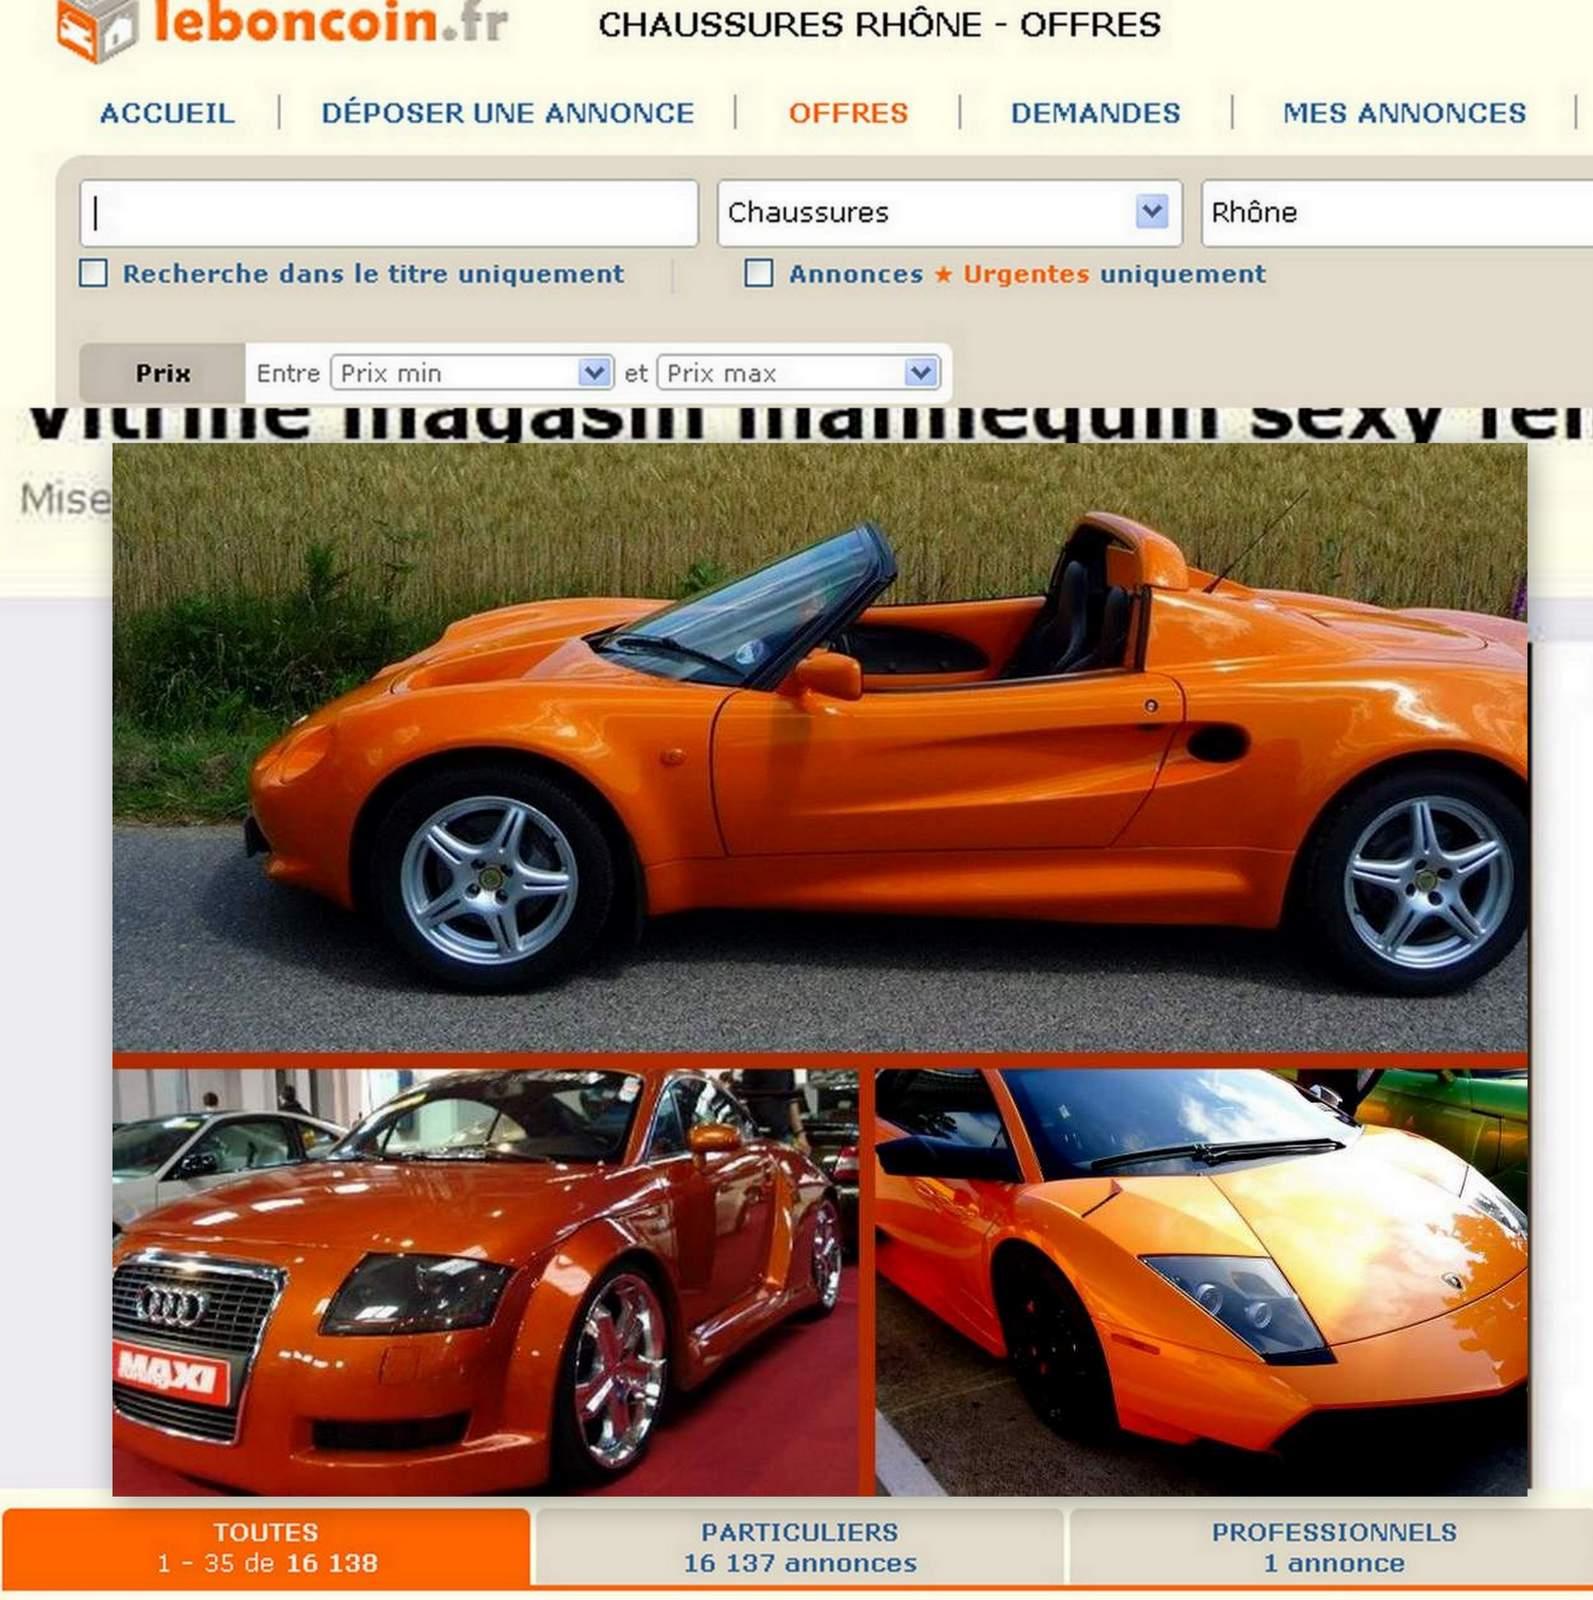 Salon de l 39 automobile les hotesses - Leboncoin fr rencontre ...